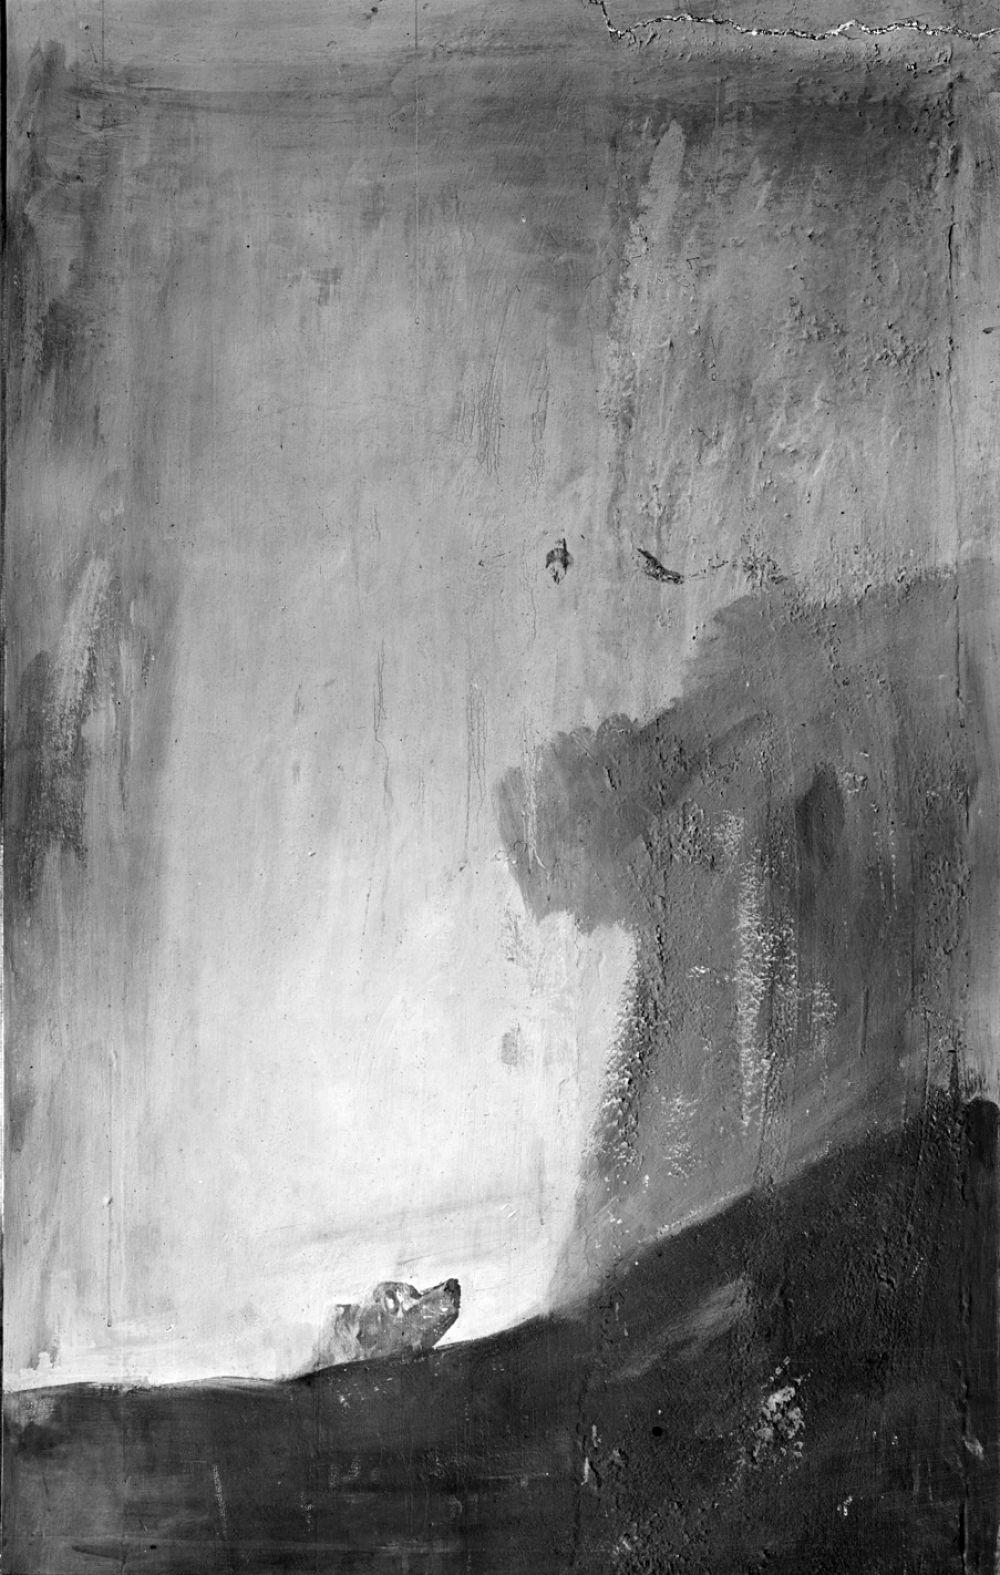 «Собака». Одна из «Мрачных картин», написанных на стенах «Дома Глухого». Вероятно, картина незавершённая. Изначальное намерение Гойи неизвестно. Голова собаки то ли появляется из-за склона, то ли выныривает из мутной воды. Животное с пронзительными, почти человеческими глазами вызывает глубокое беспокойство и производит неизгладимое впечатление на зрителя.